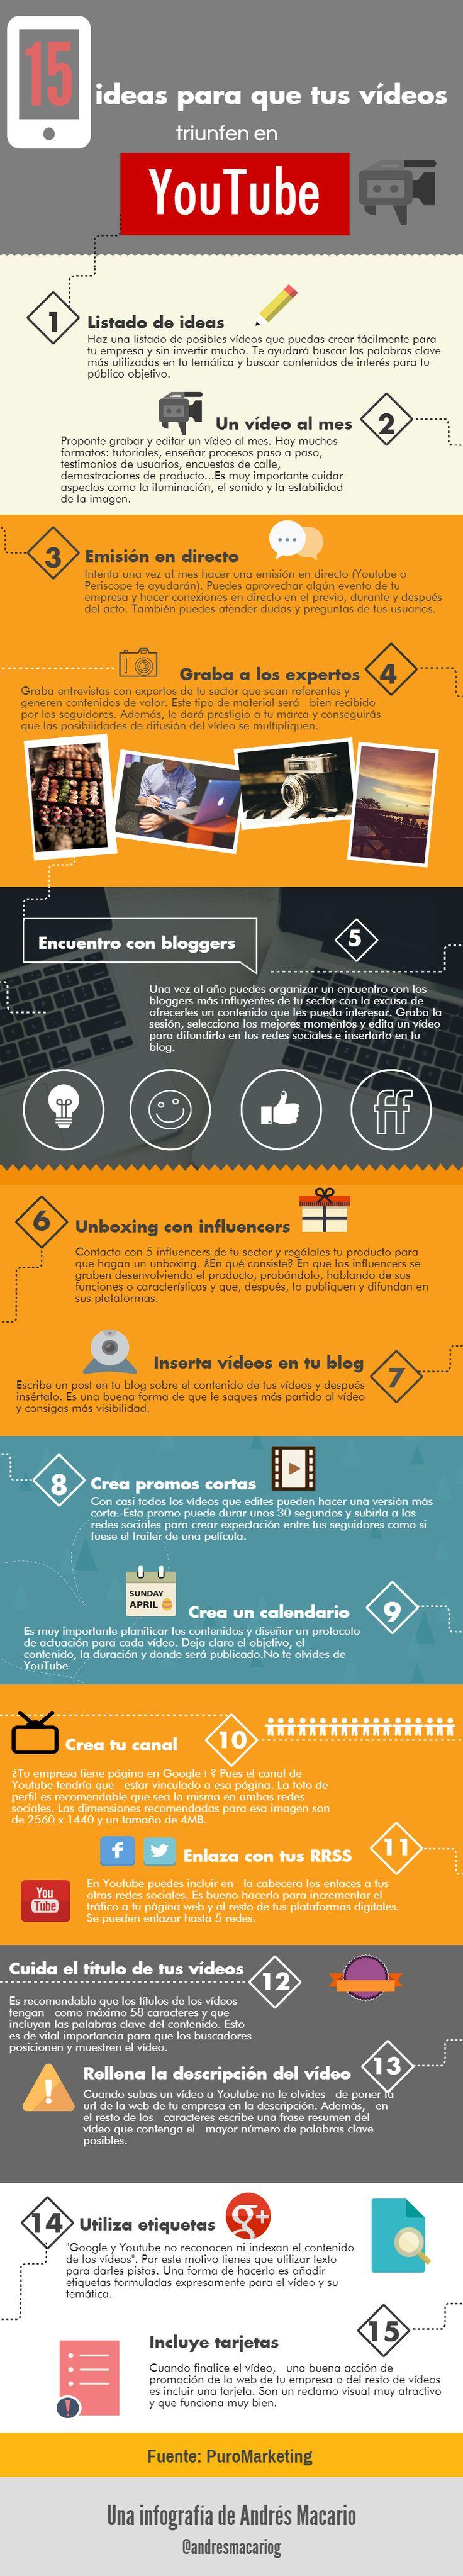 15 ideas para que tus videos funcionen en YouTube - #Infografia  de Andres Macario